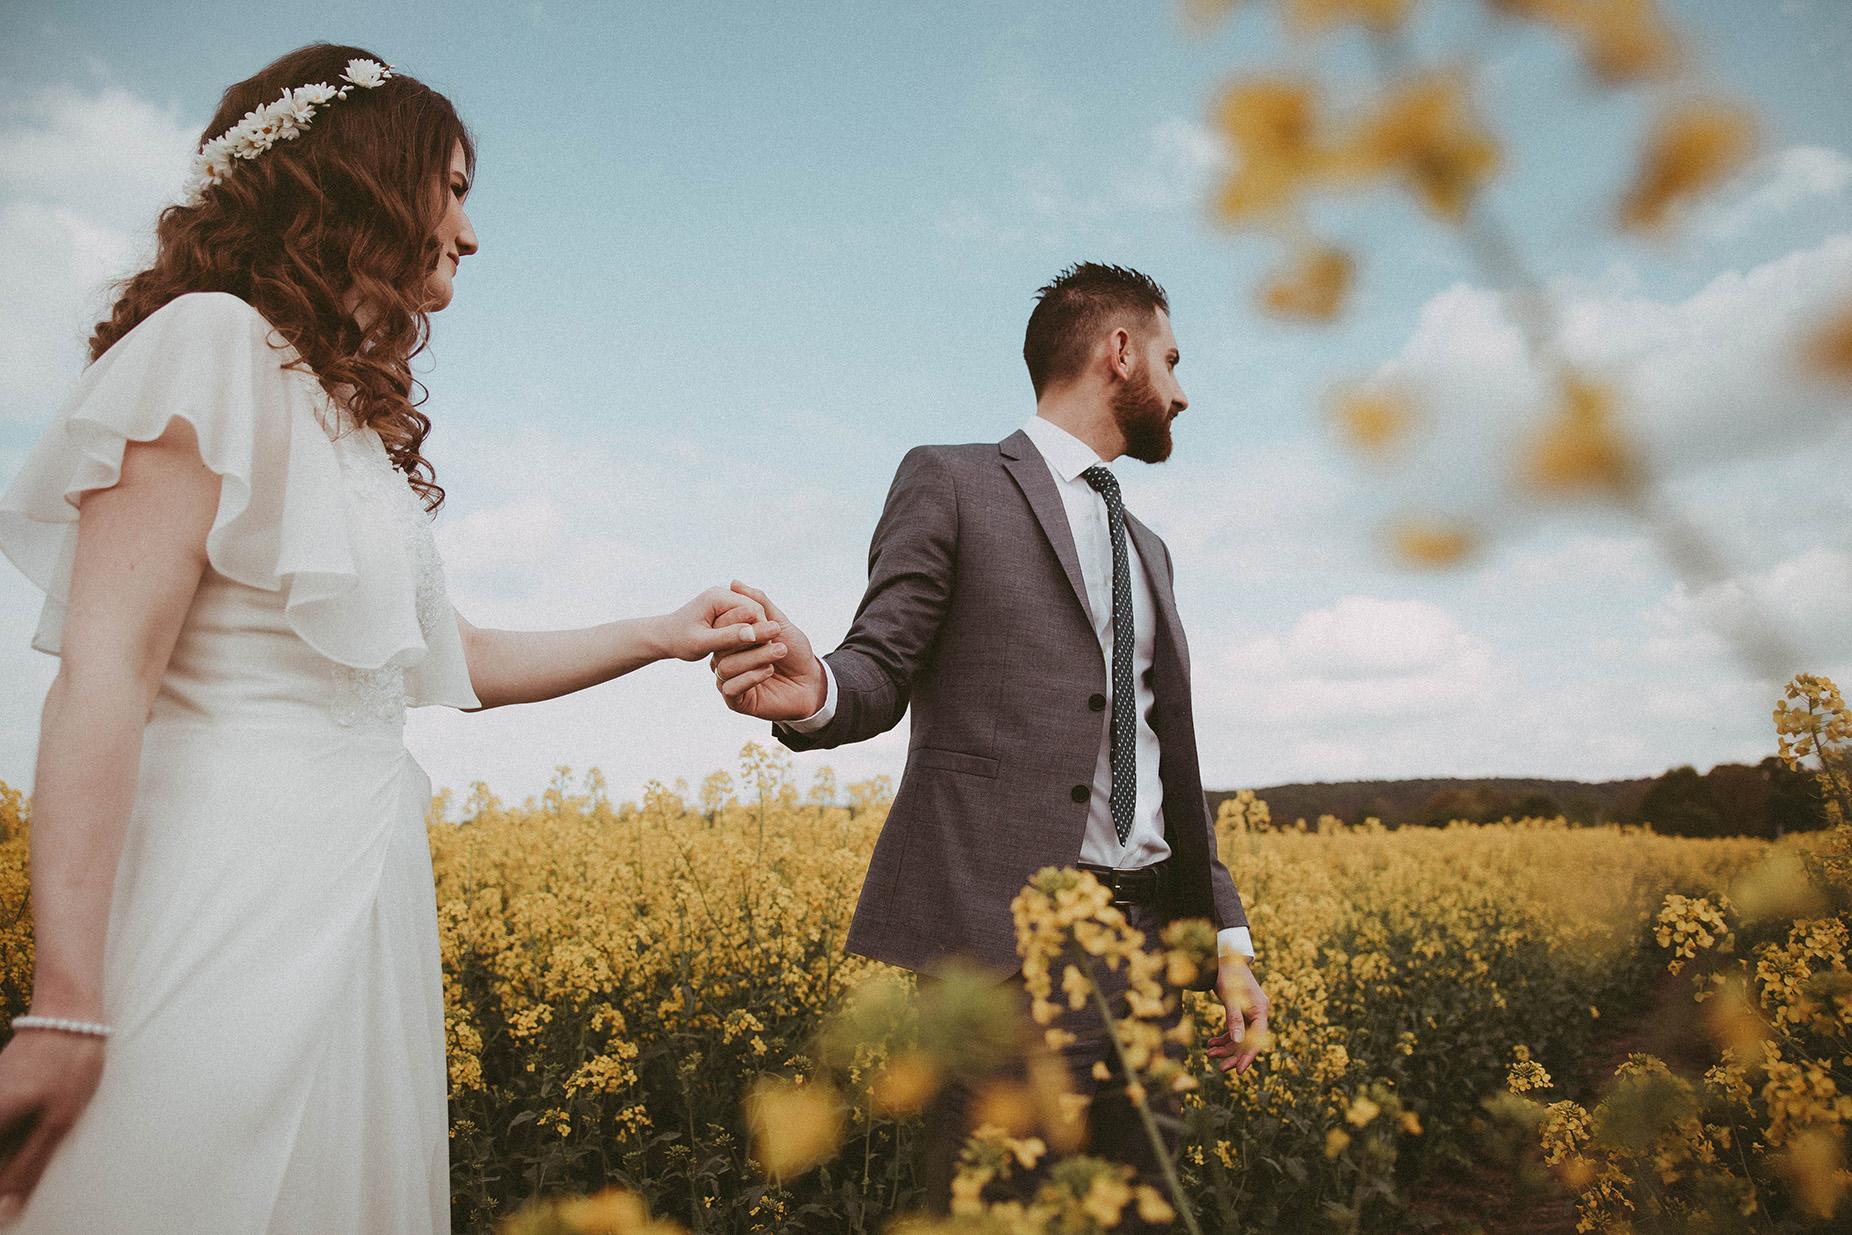 Brautpaar Hand in Hand im Feld mit gelben Blumen.jpg